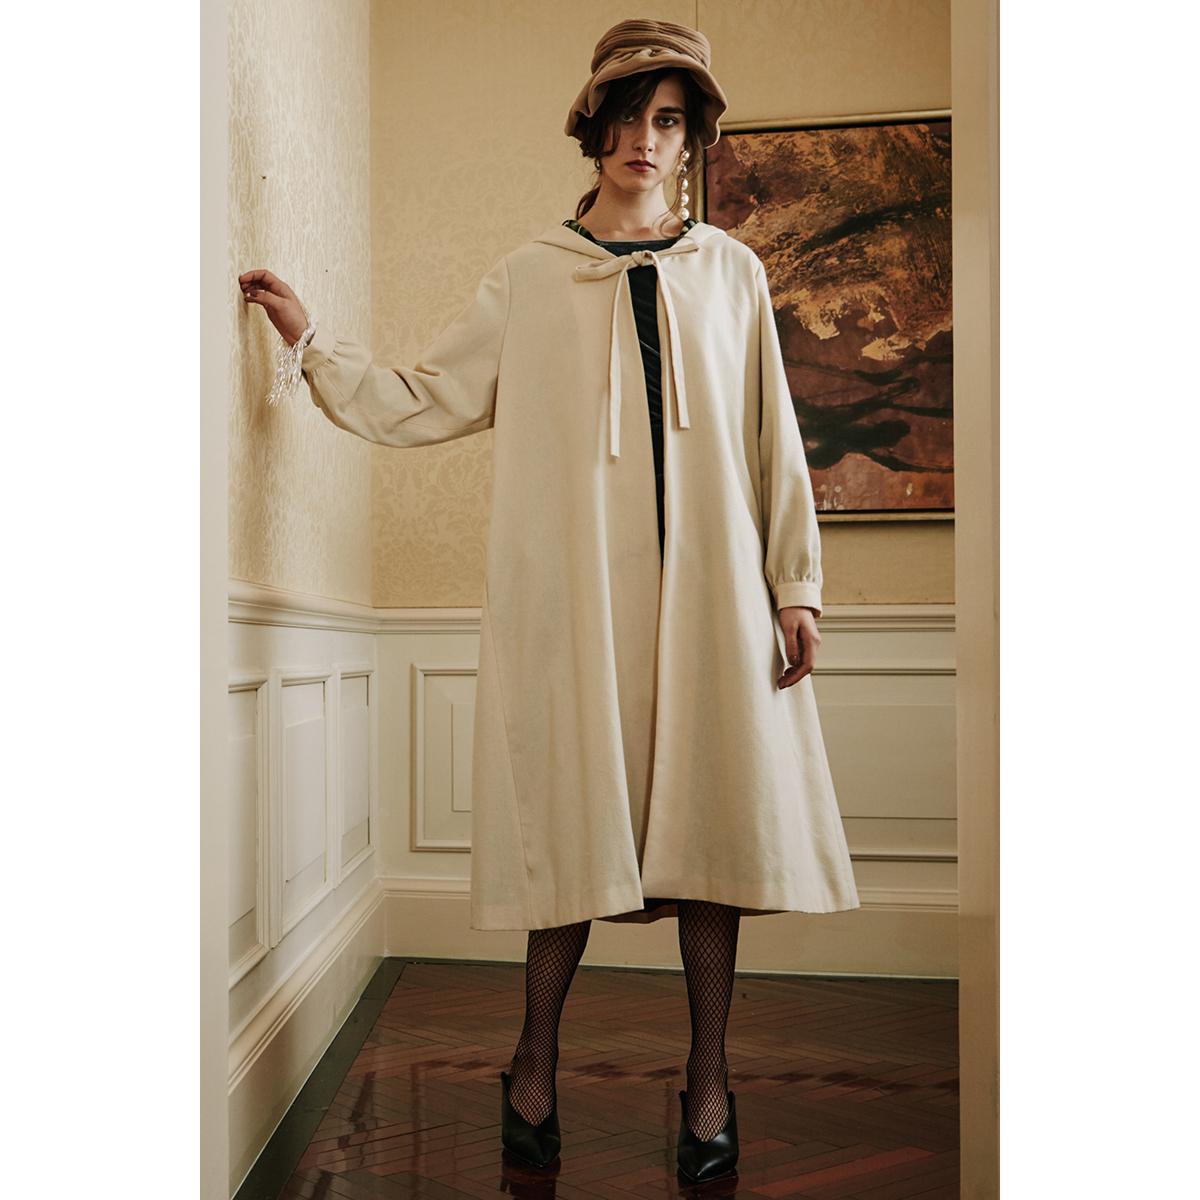 白色风衣 RIMLESS无边 2016新款薄呢料法兰绒斗篷中长款宽松休闲风衣外套女_推荐淘宝好看的白色风衣